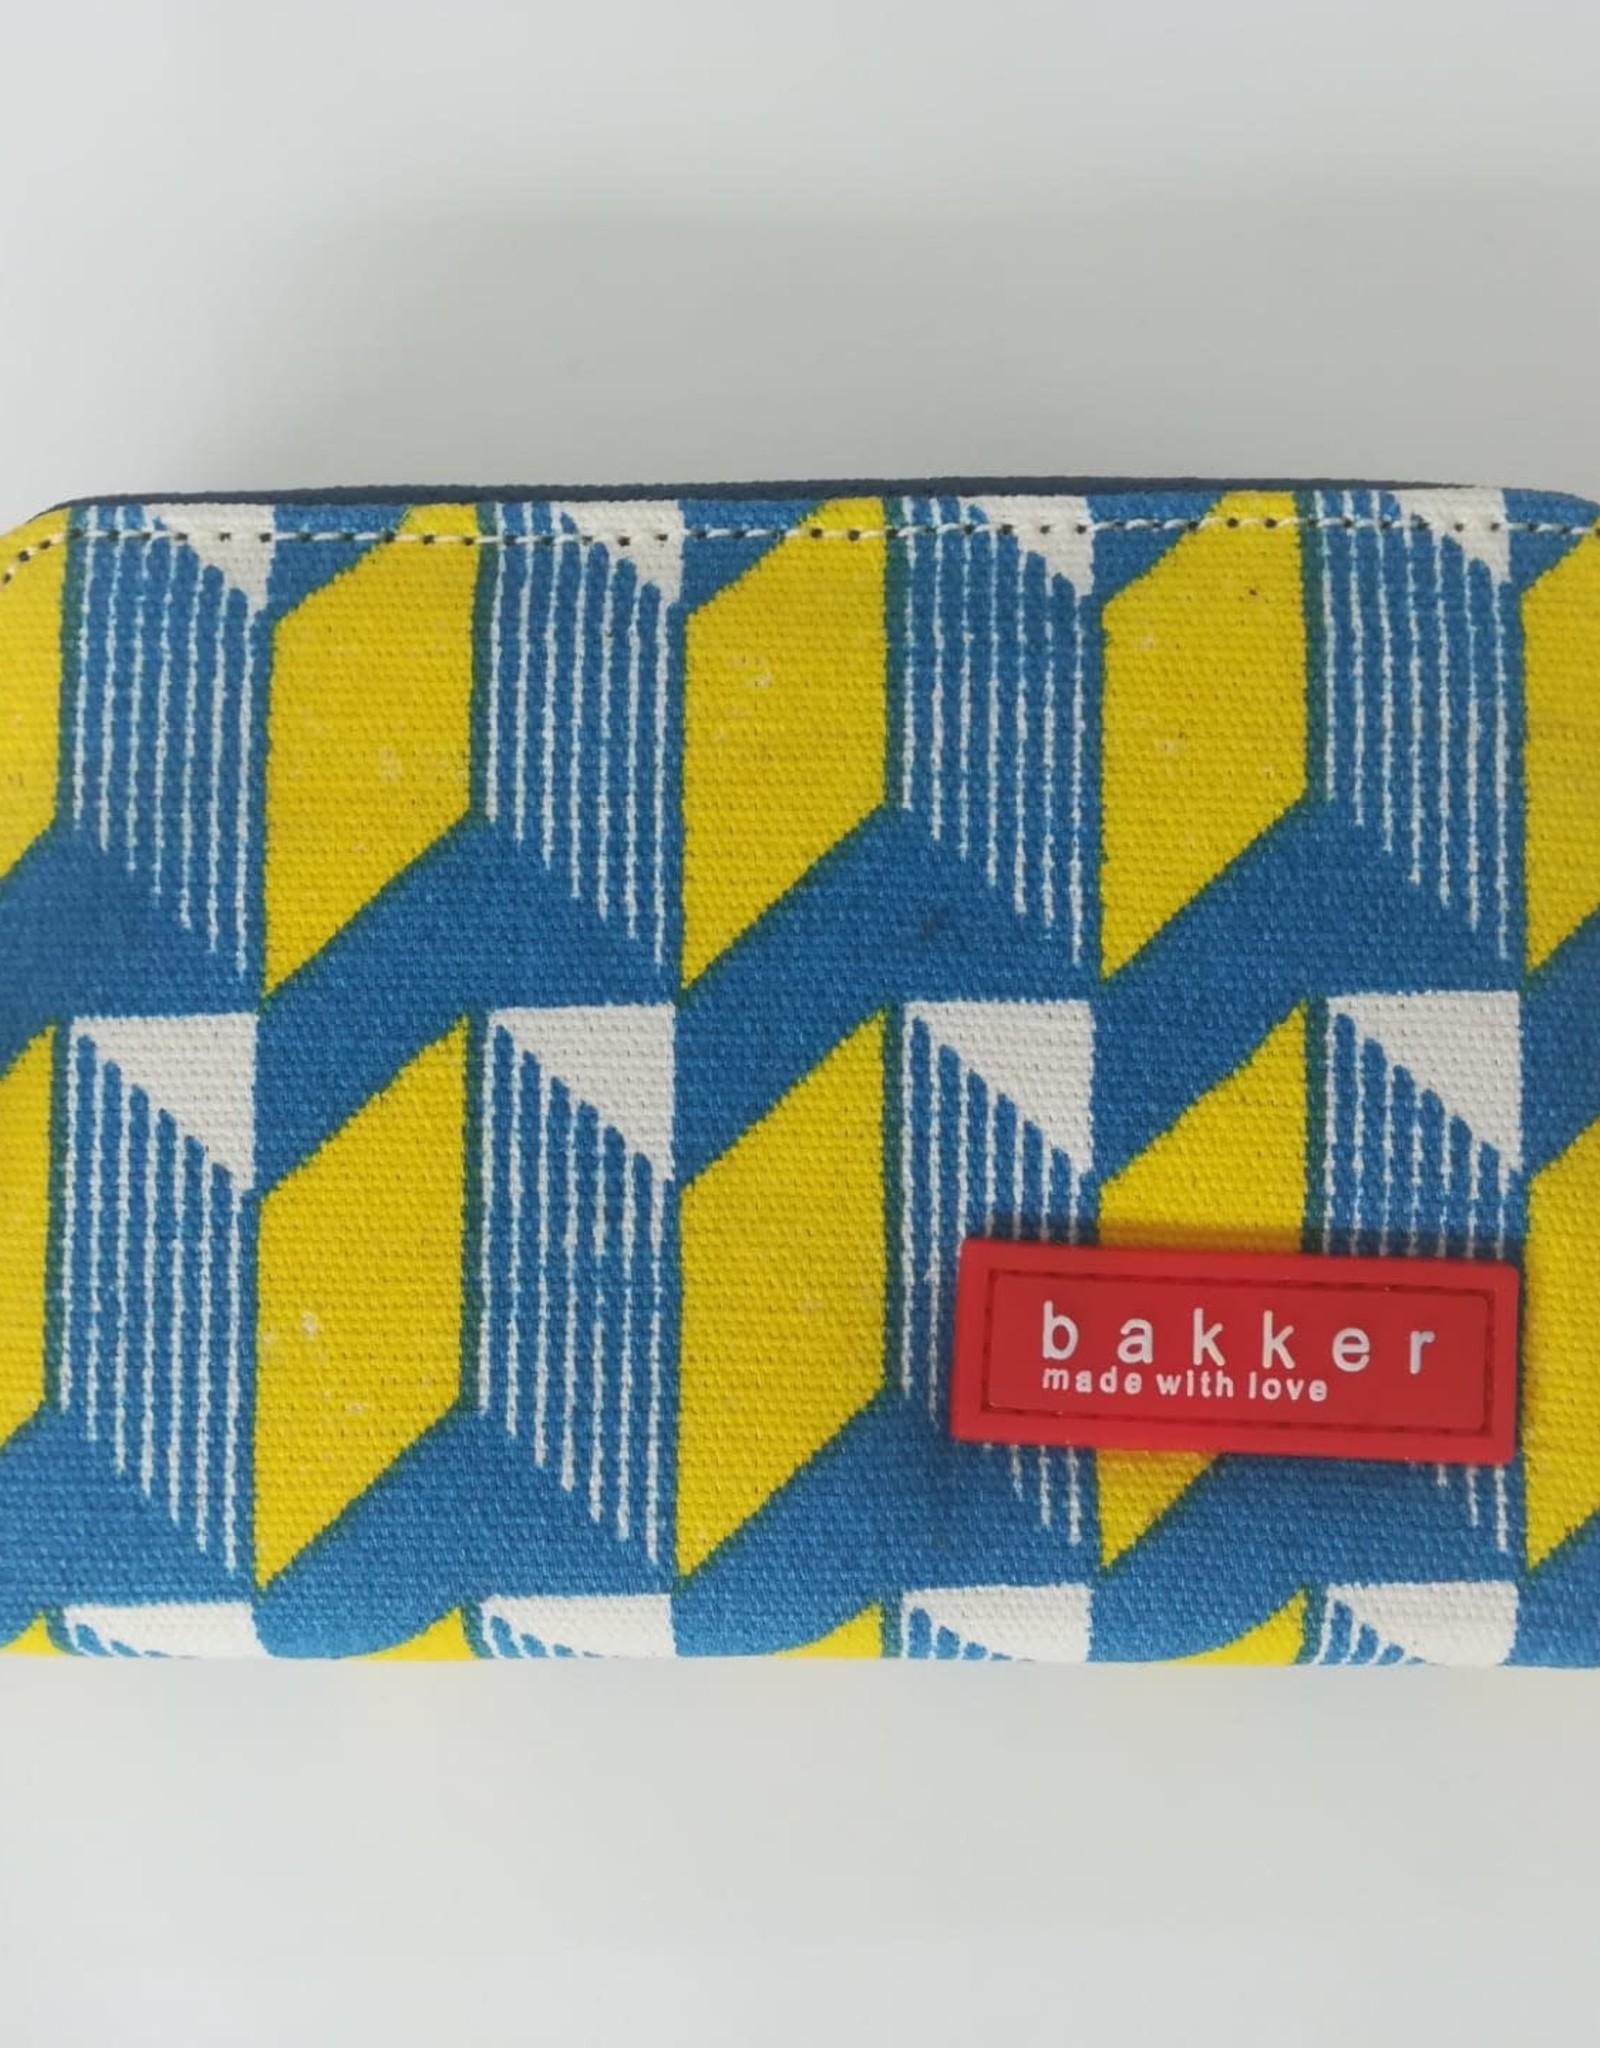 bakker made with love Bakker made with love: portemonnee klein 005